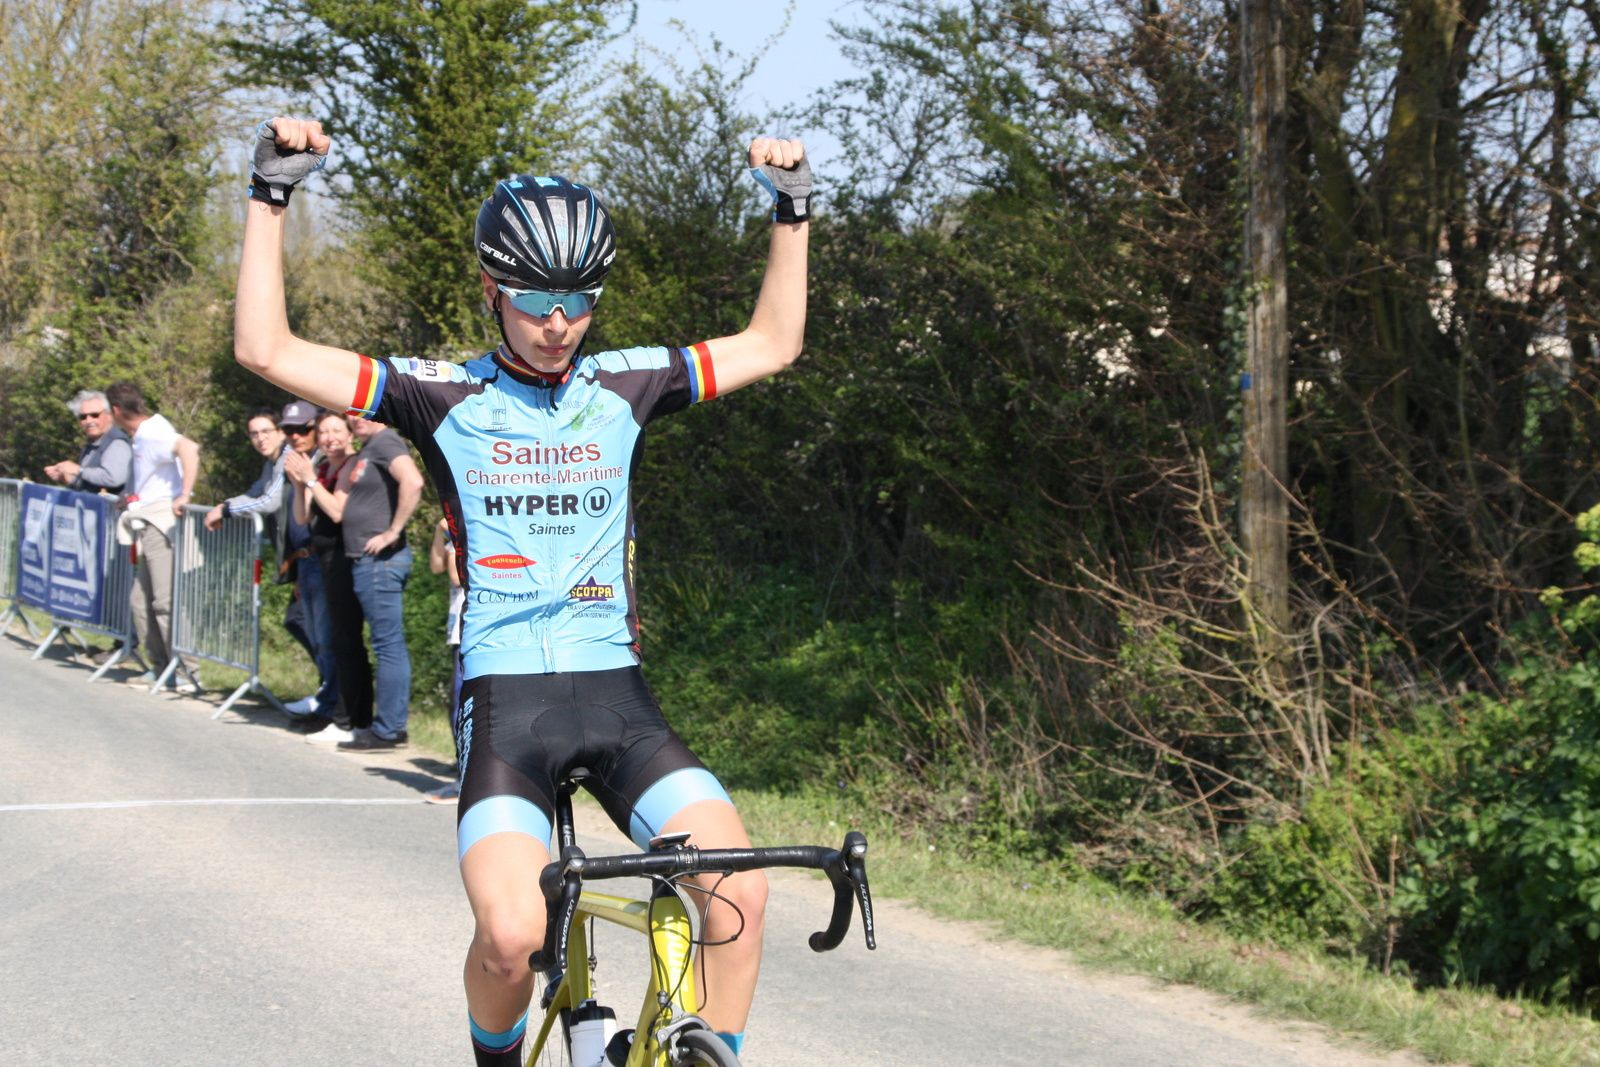 L'arrivée et  la  victoire  pour  Lilian  HINTZY(VC Saintes)